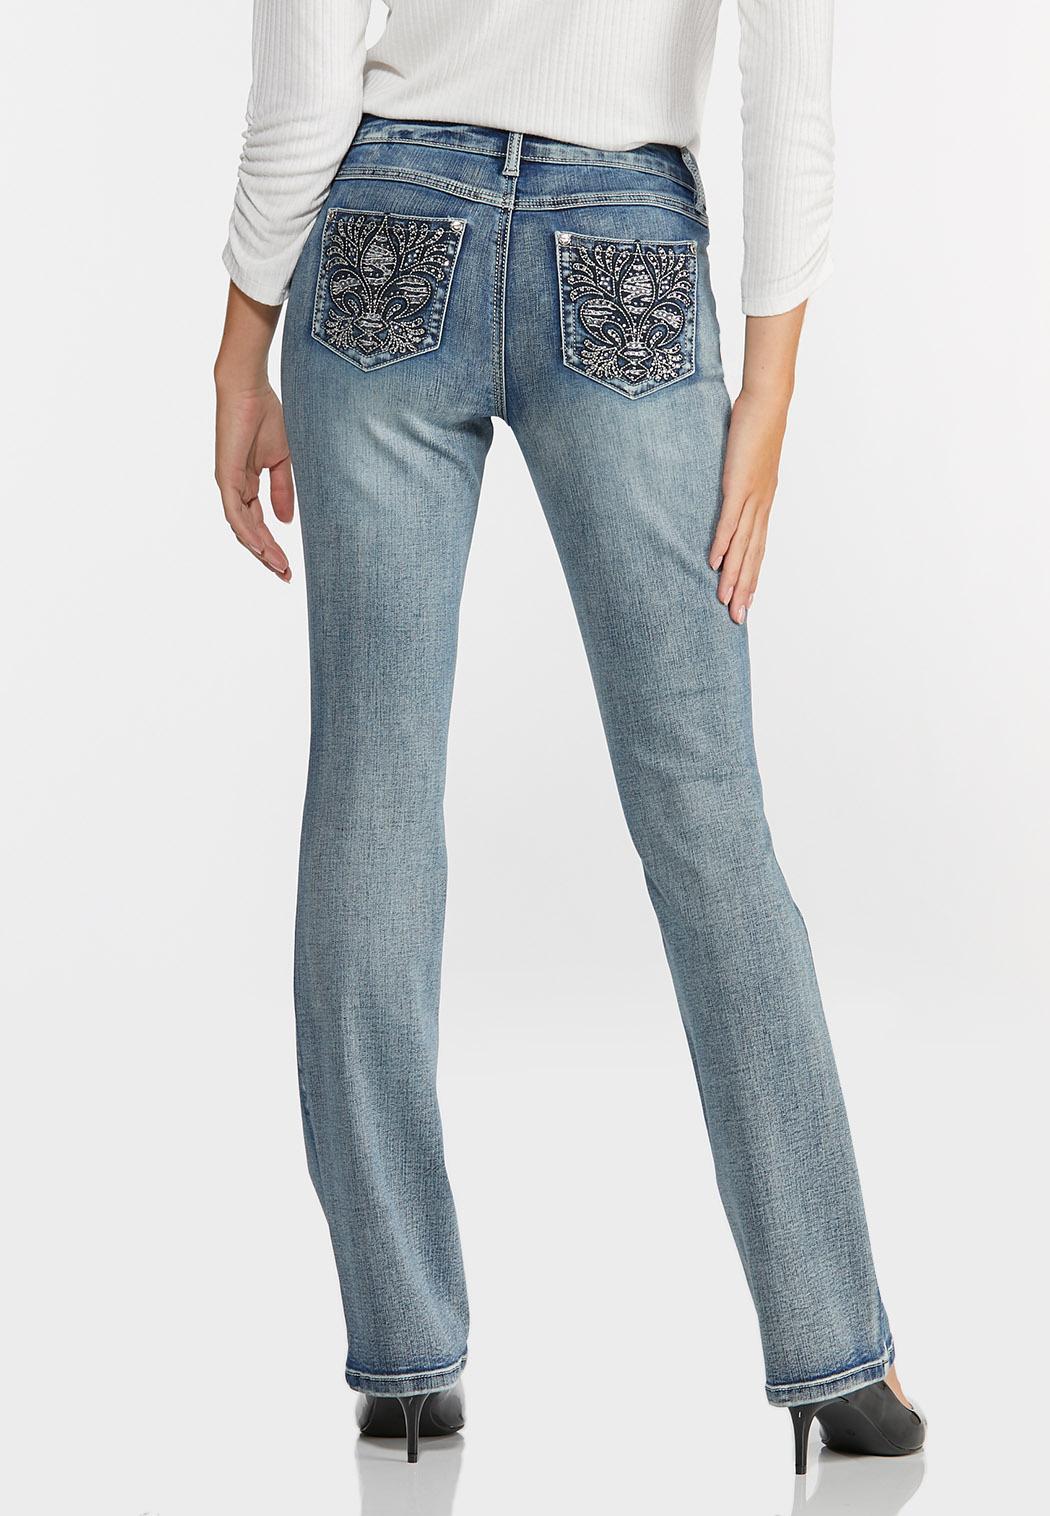 Petite Embellished Fleur De Lis Jeans